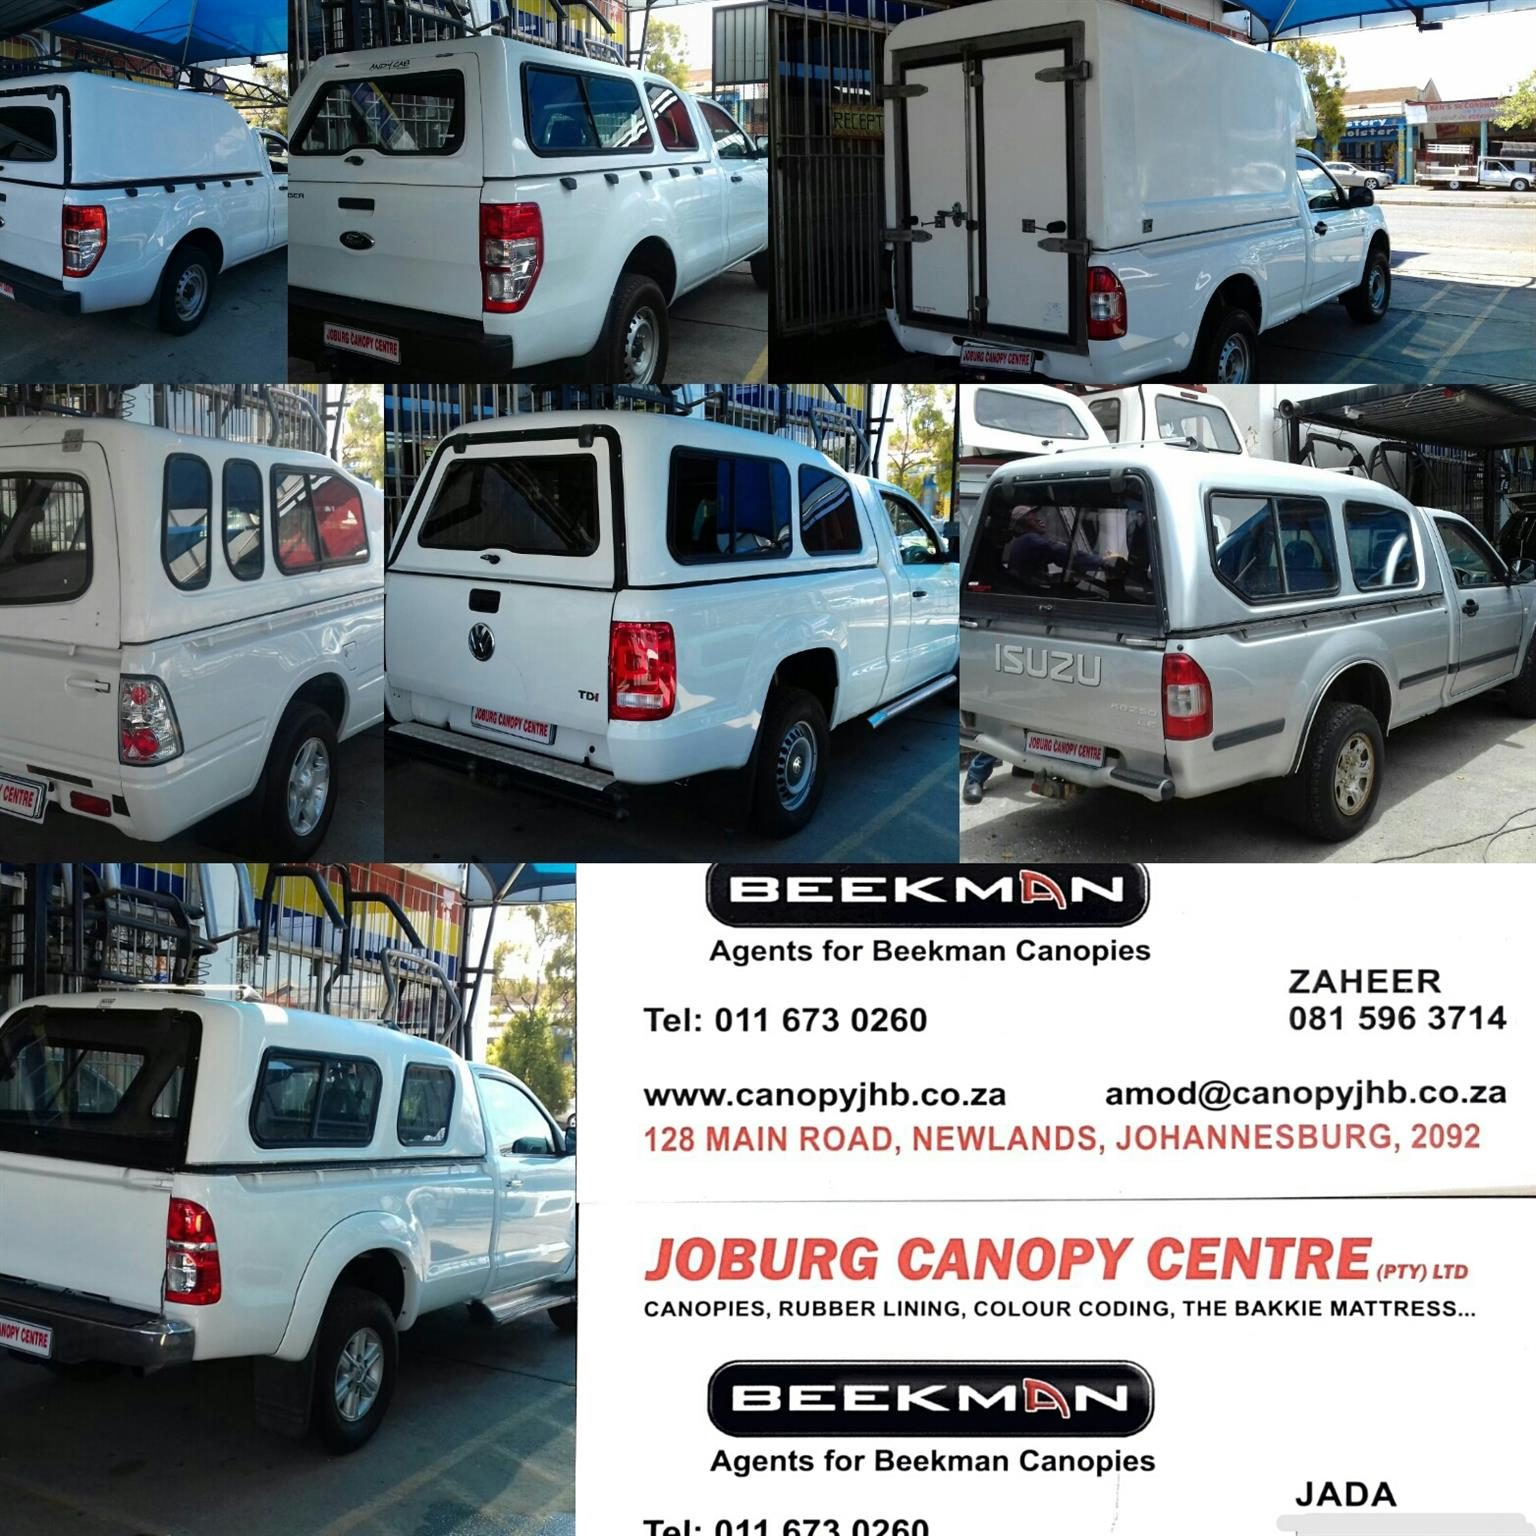 Joburg Canopy Centre